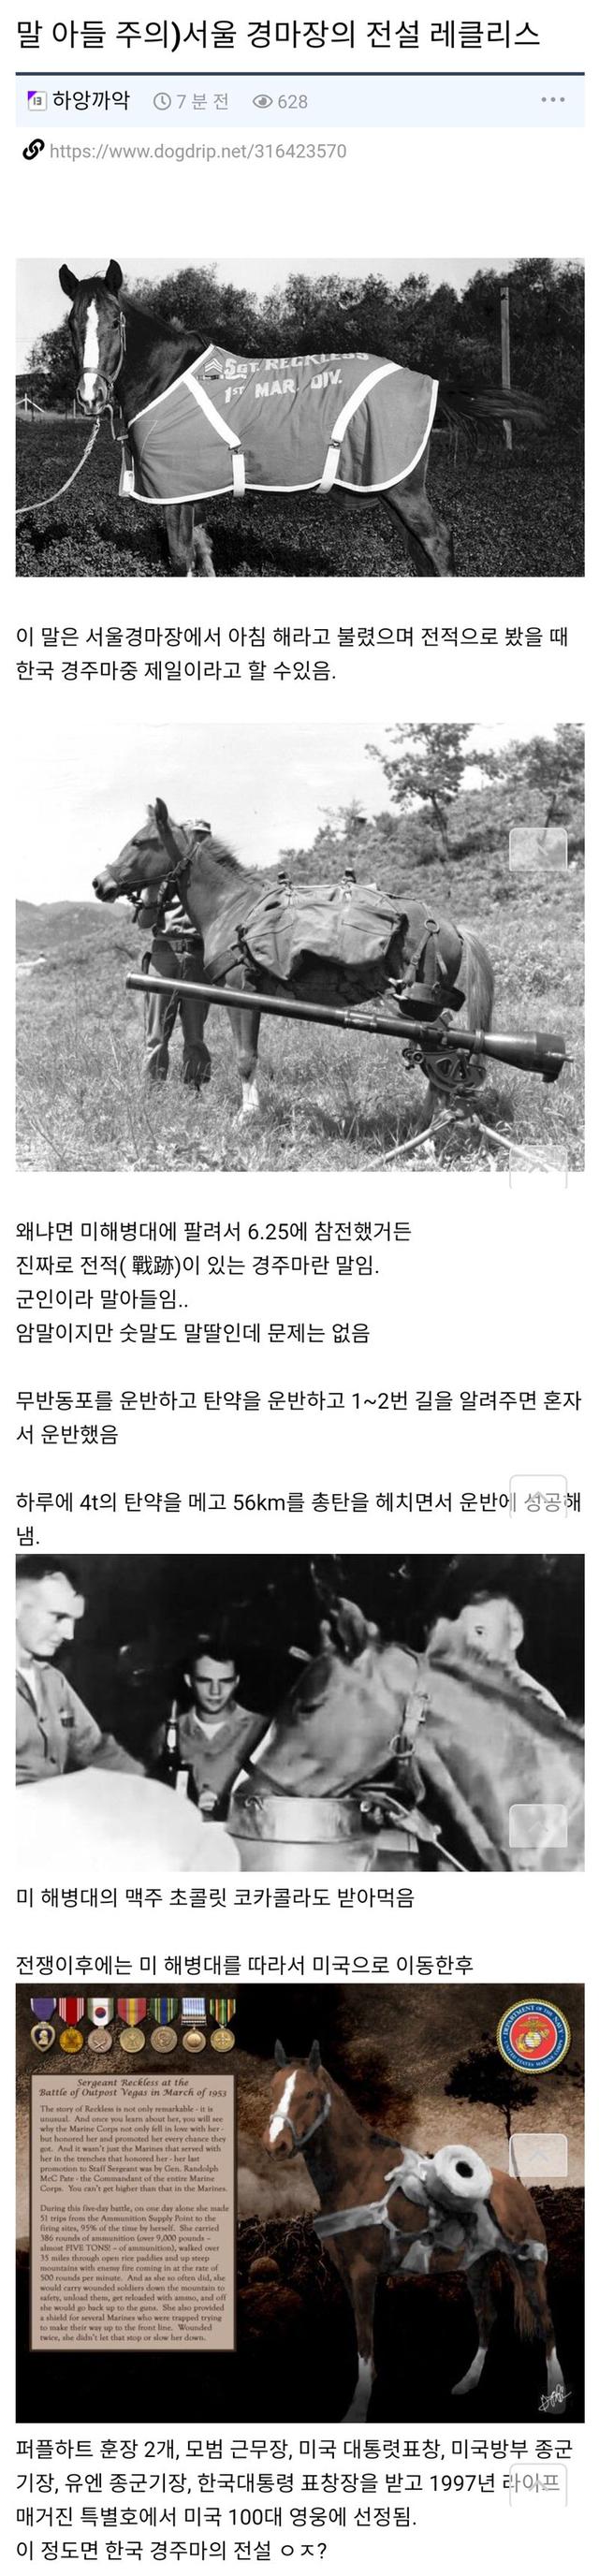 서울 경마장의 전설 레클리스 - 꾸르